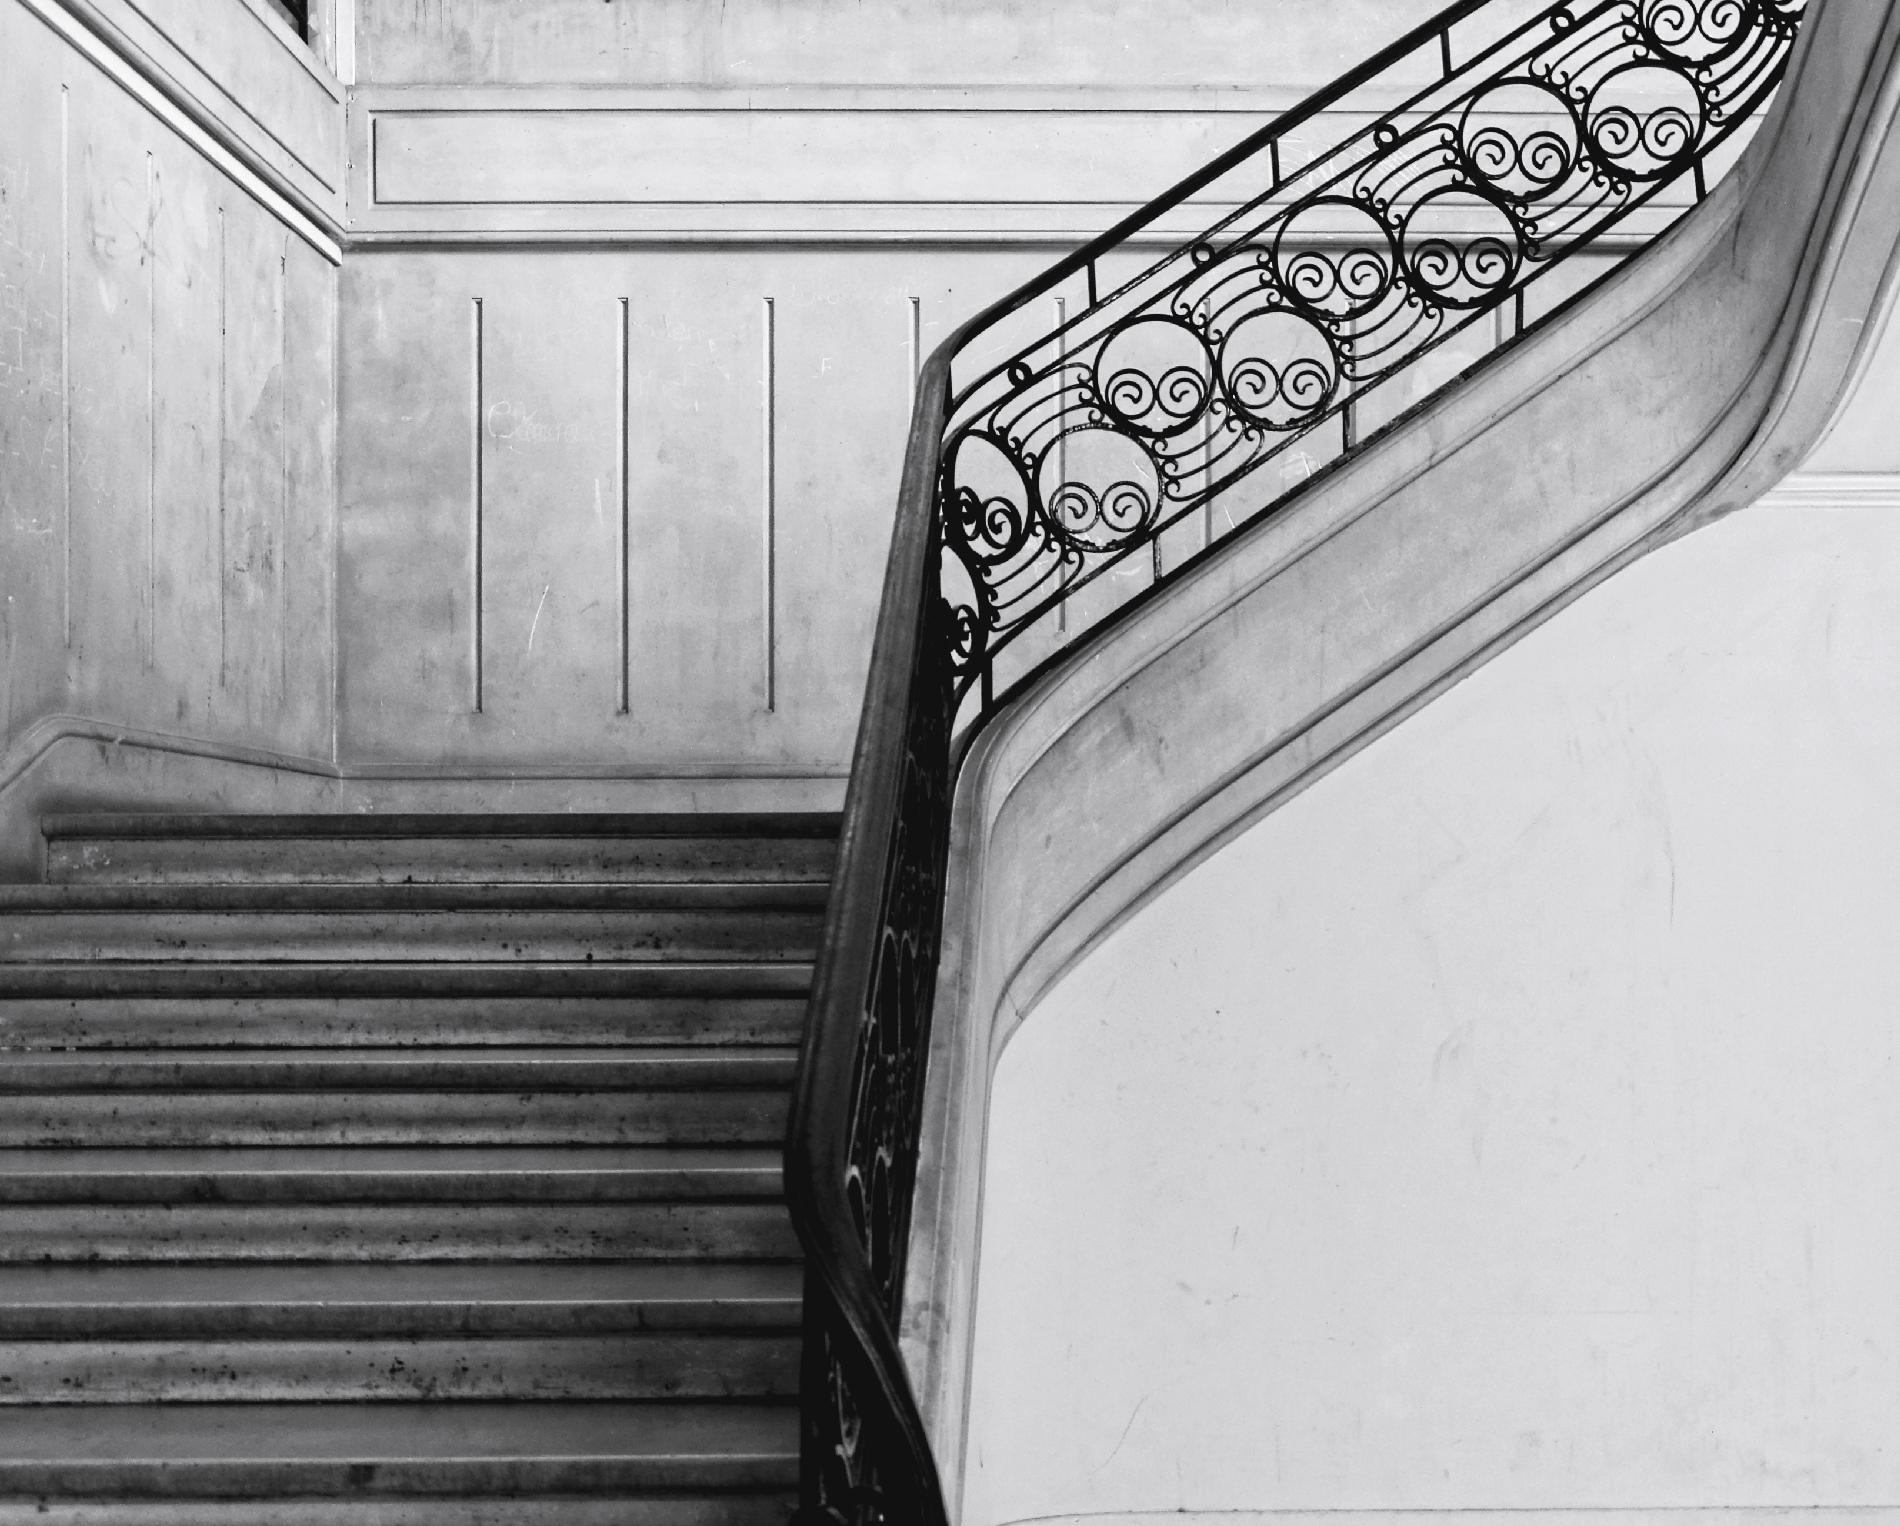 L escalier la tribu d 39 anaximandre des photos au fil des jours de da - Escalier noir et blanc ...